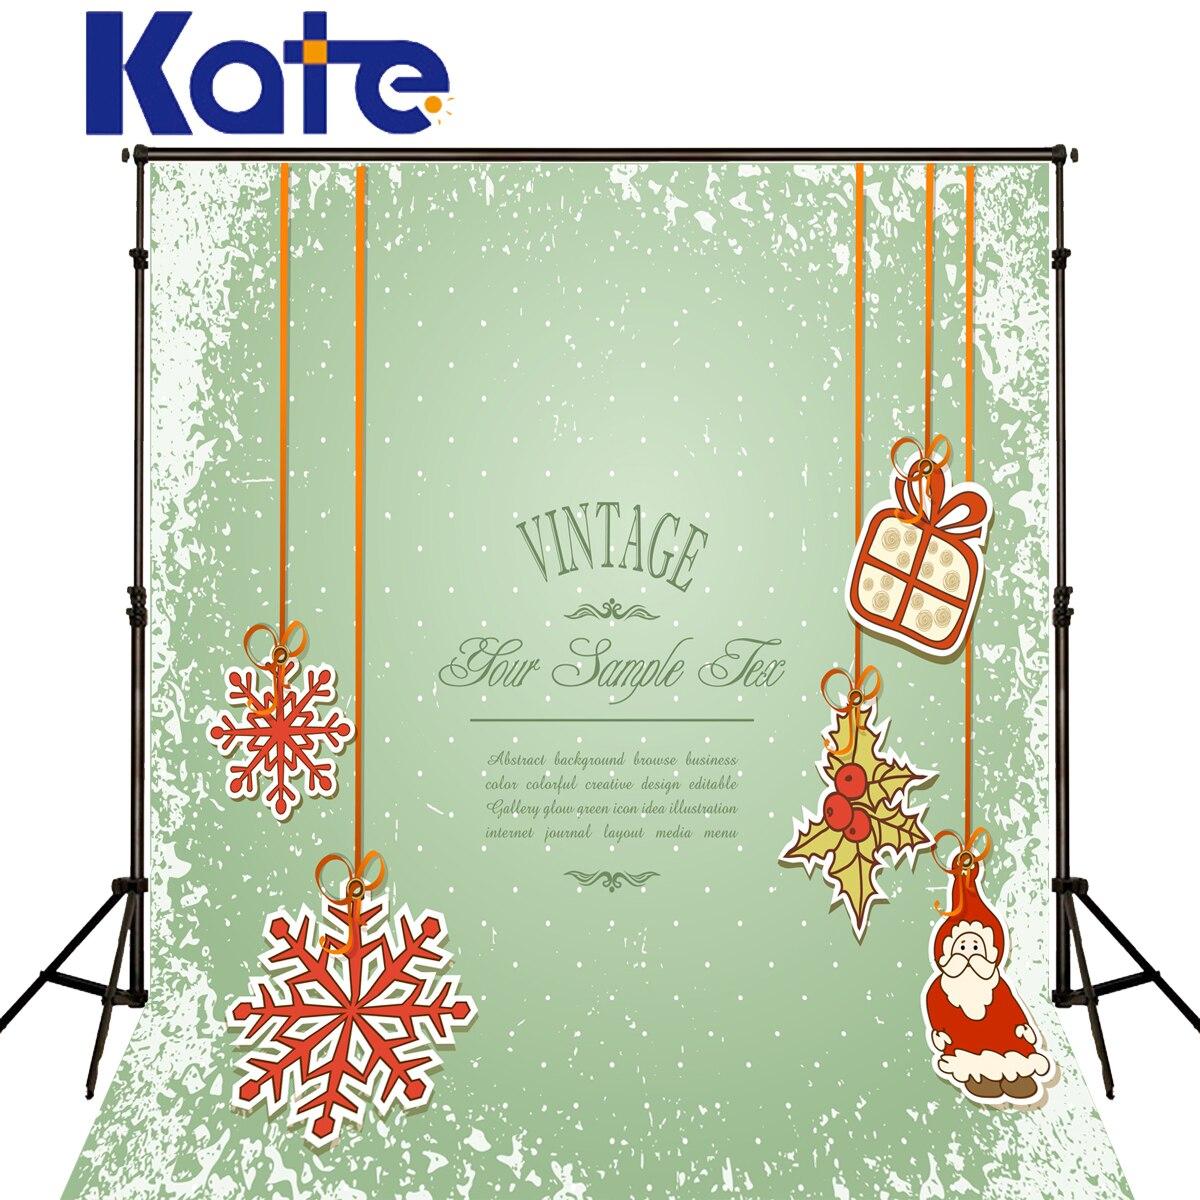 Kate fond de noël photographie flocon de neige Spot automne Fundo Fotografico madère fond d'écran vert pour la séance Photo